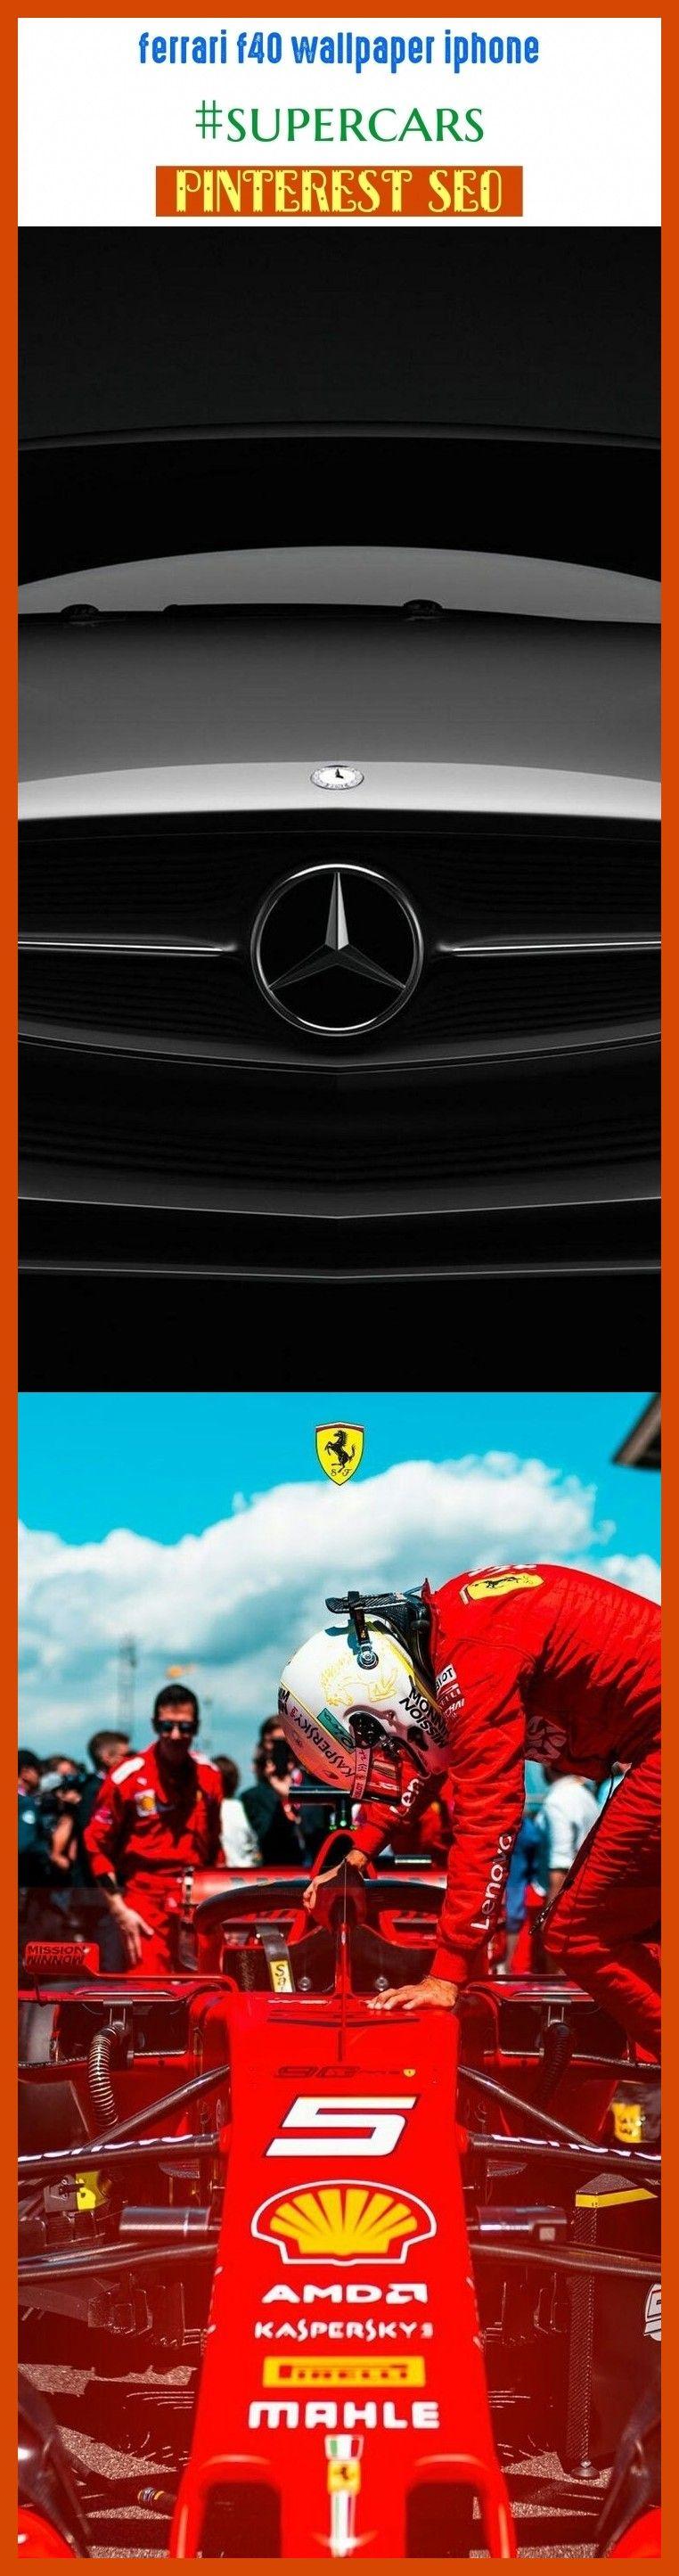 Ferrari f40 wallpaper iphone ferrari f40 wallpapers, ferrari f40 black, ferrari f40 gas monkey, fer